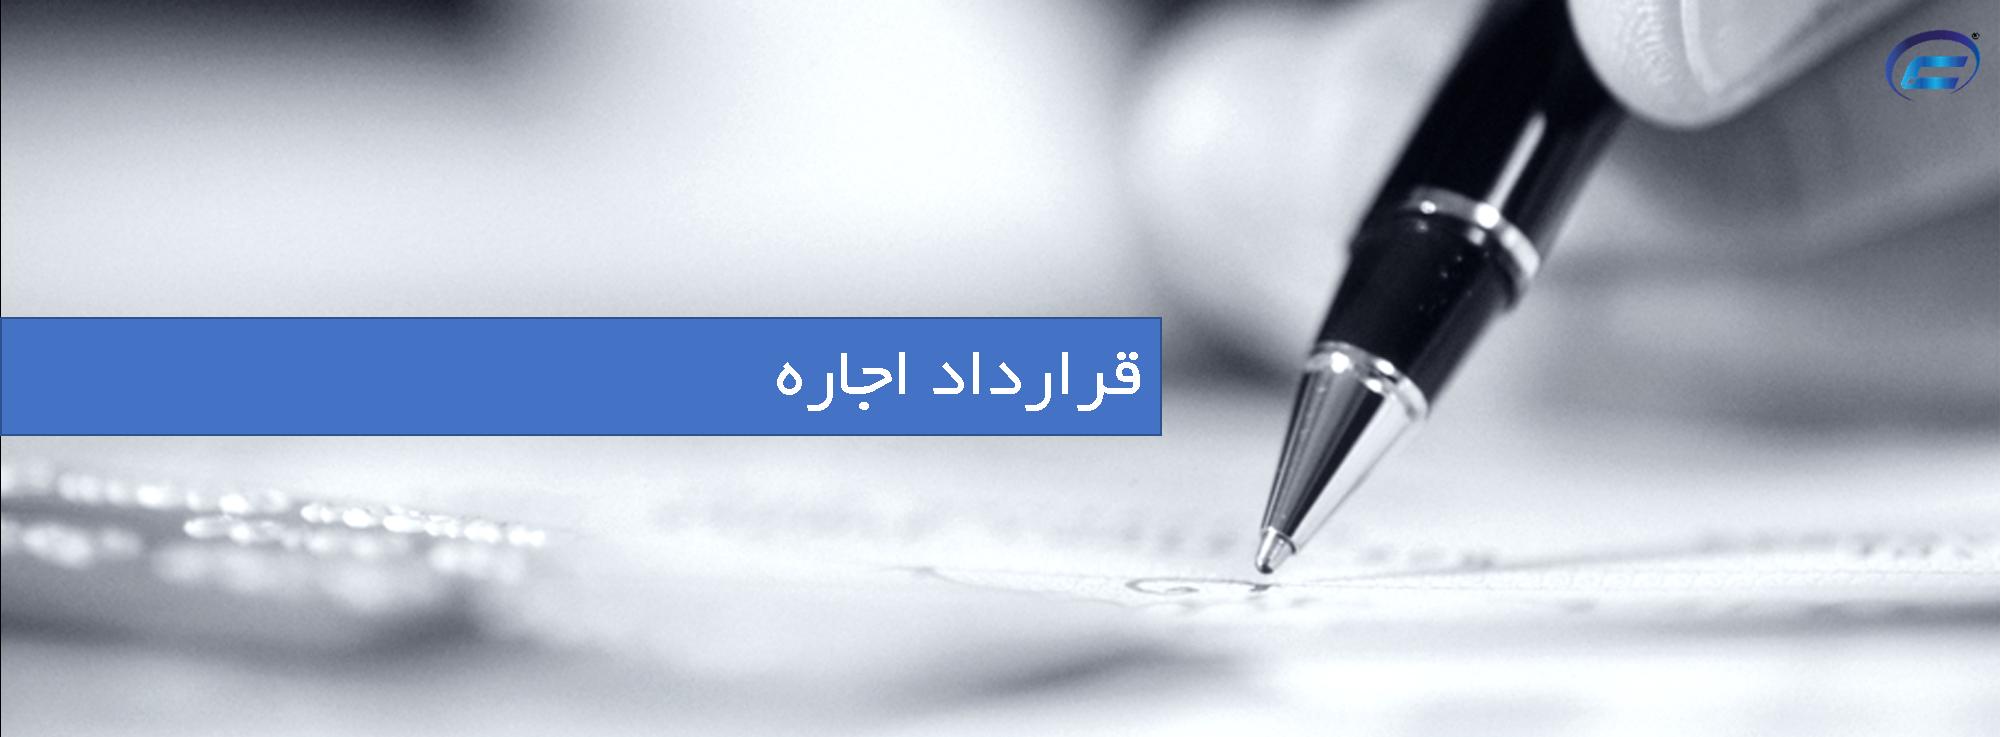 قرارداد اجاره -کانون قراردادنویسان